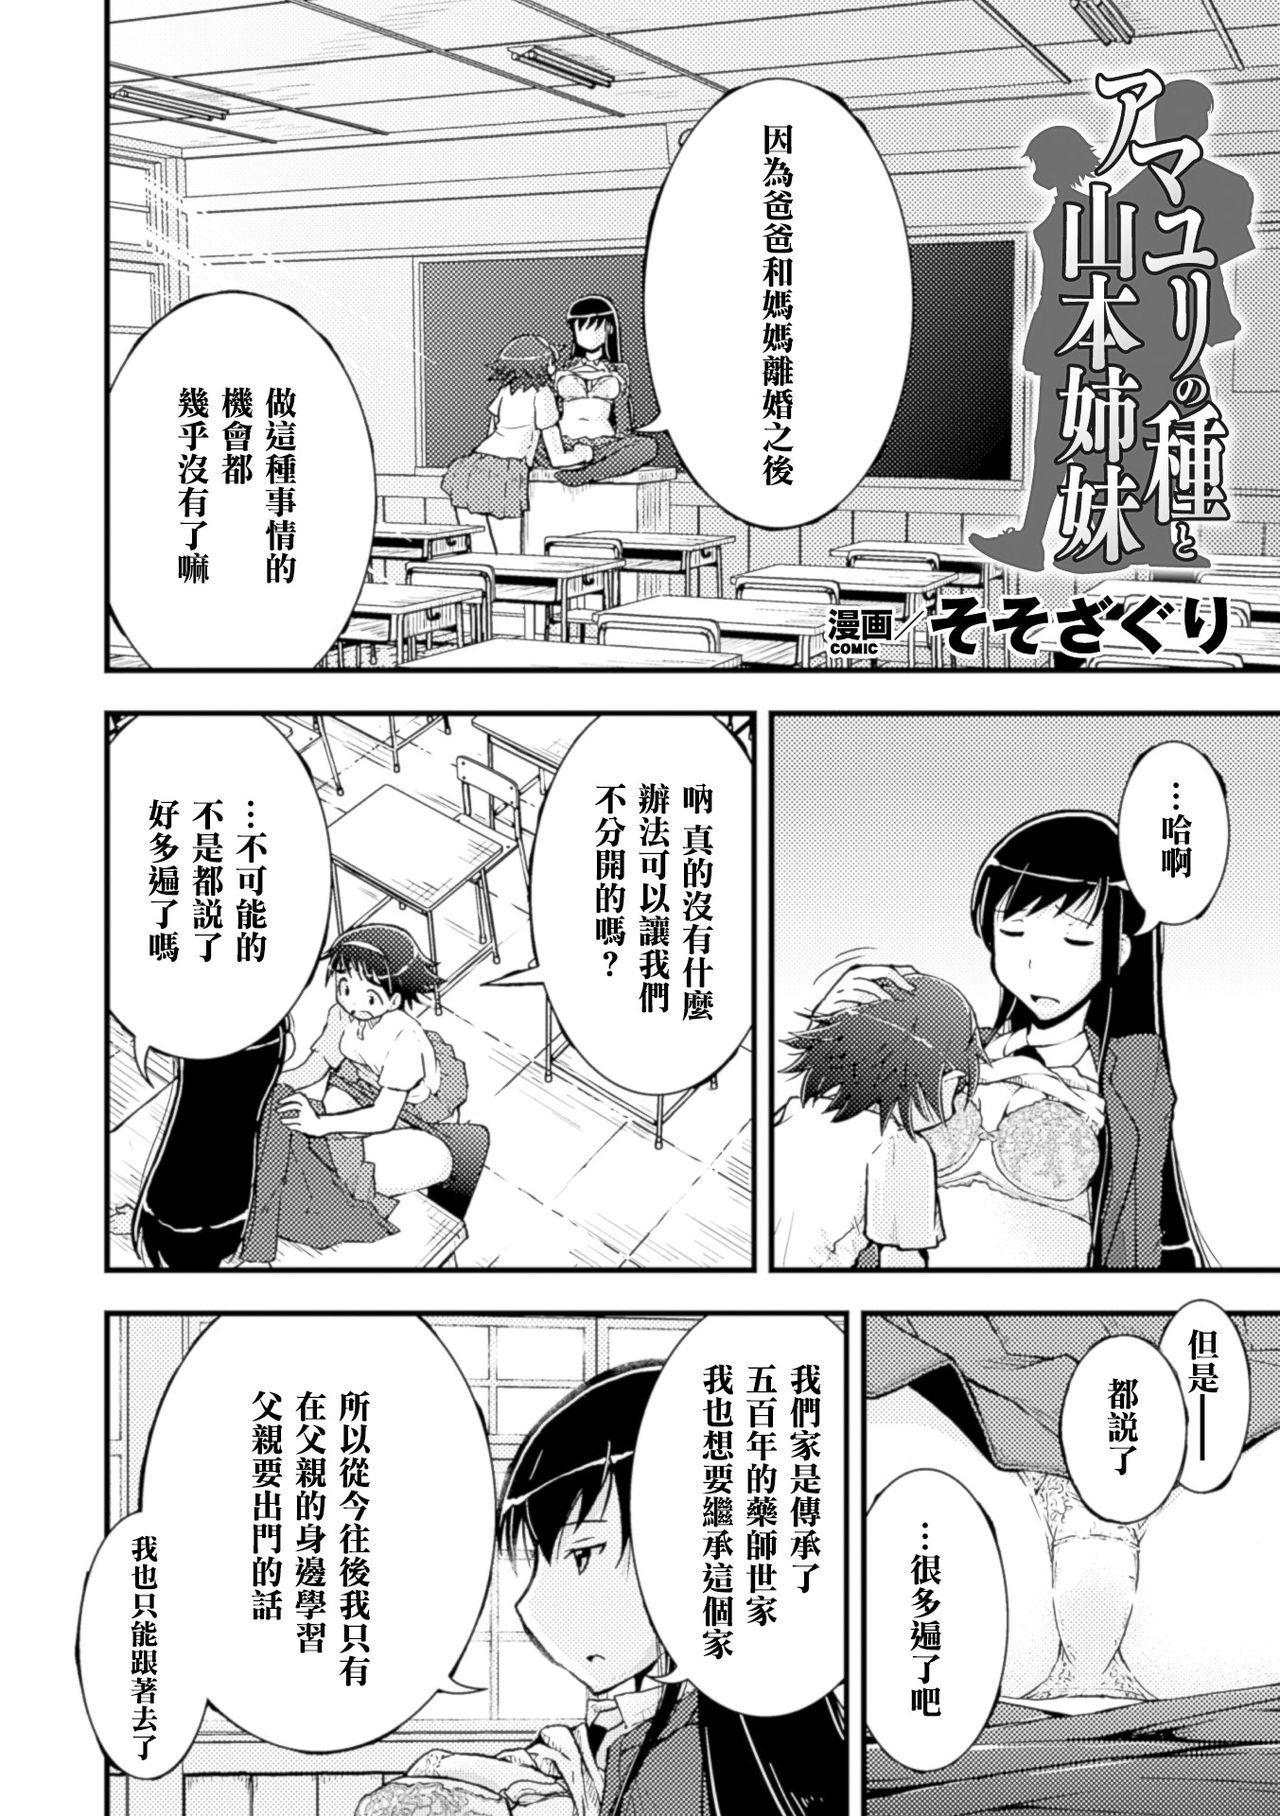 Amayuri no Tane to Yamamoto Shimai 2